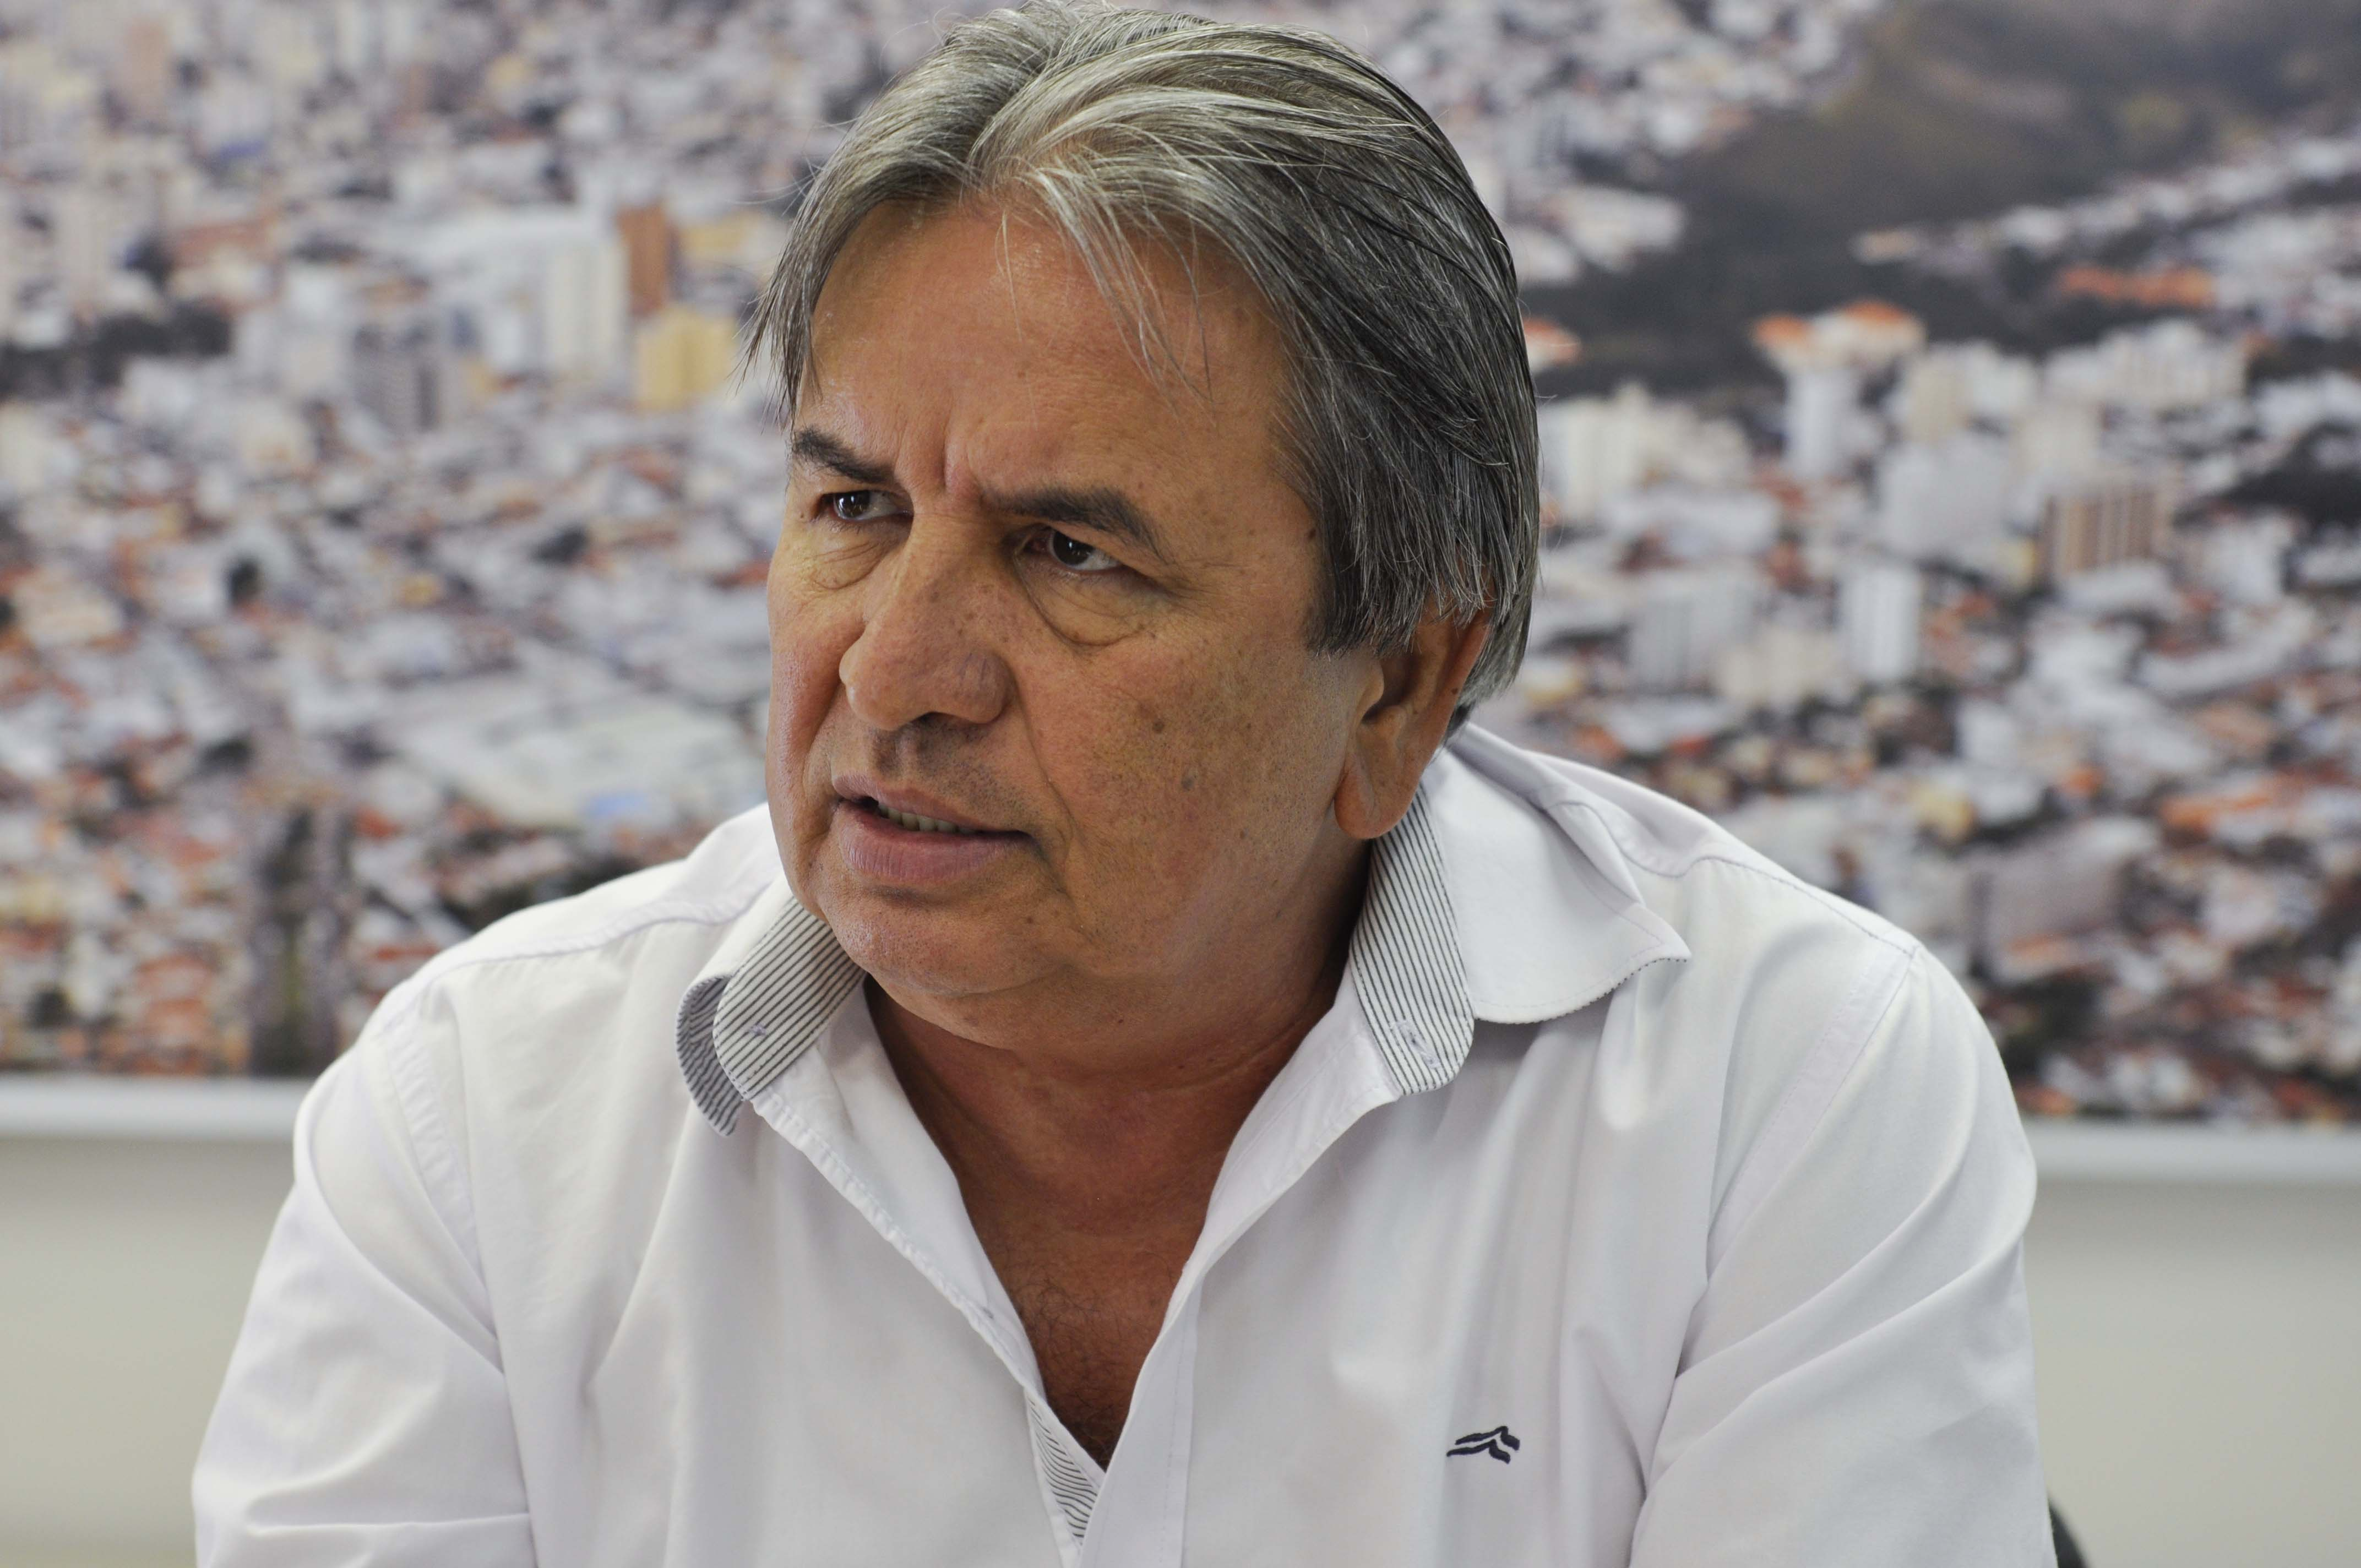 Este é o sétimo mandato do vereador (foto: Juliano Borges/Poços Já).